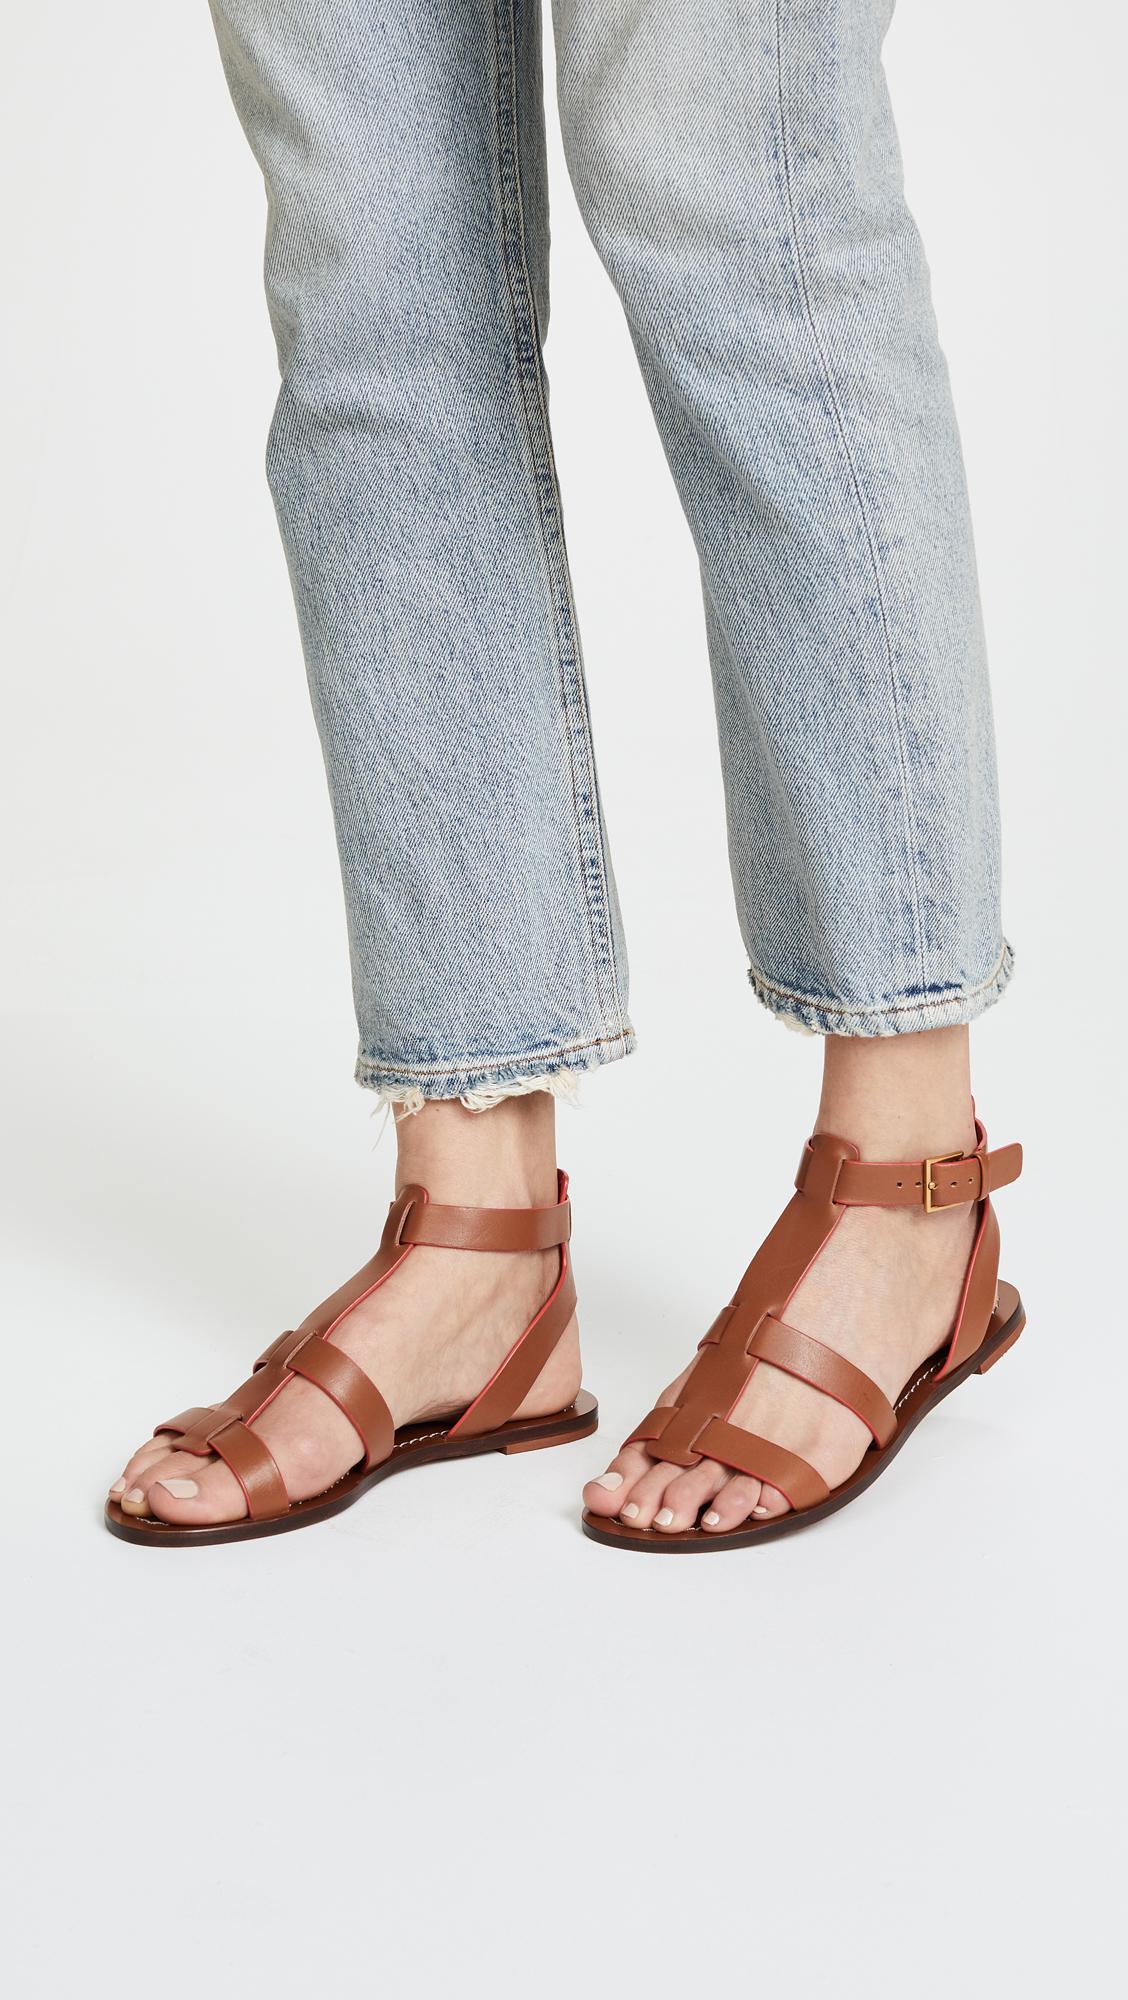 14e4b589efe Tory Burch Patos Gladiator Sandals